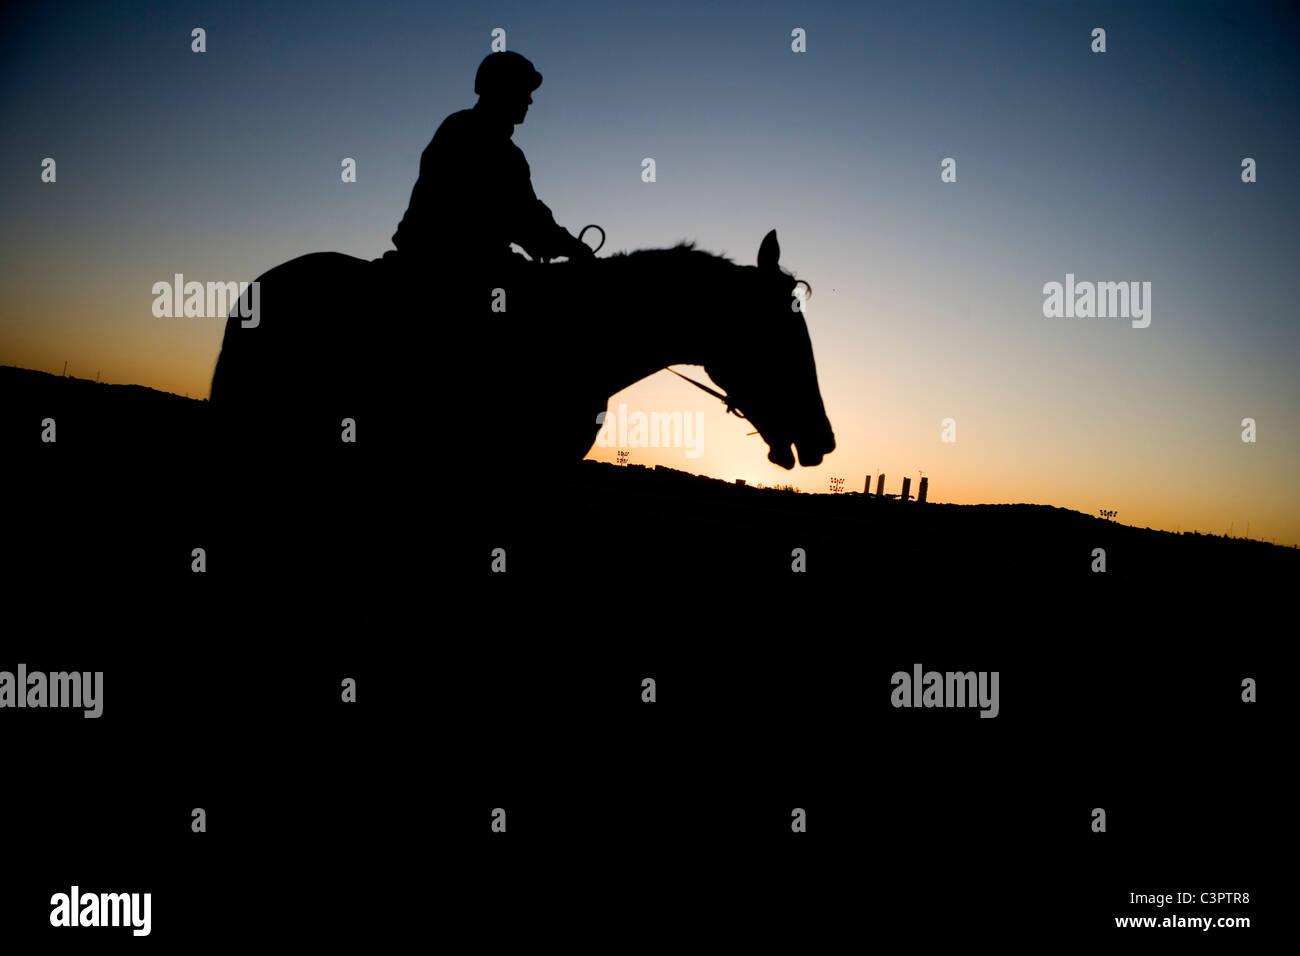 Jockey in silhouette during sunrise at  Hipodromo de la Zarzuela in Madrid (Spain). - Stock Image